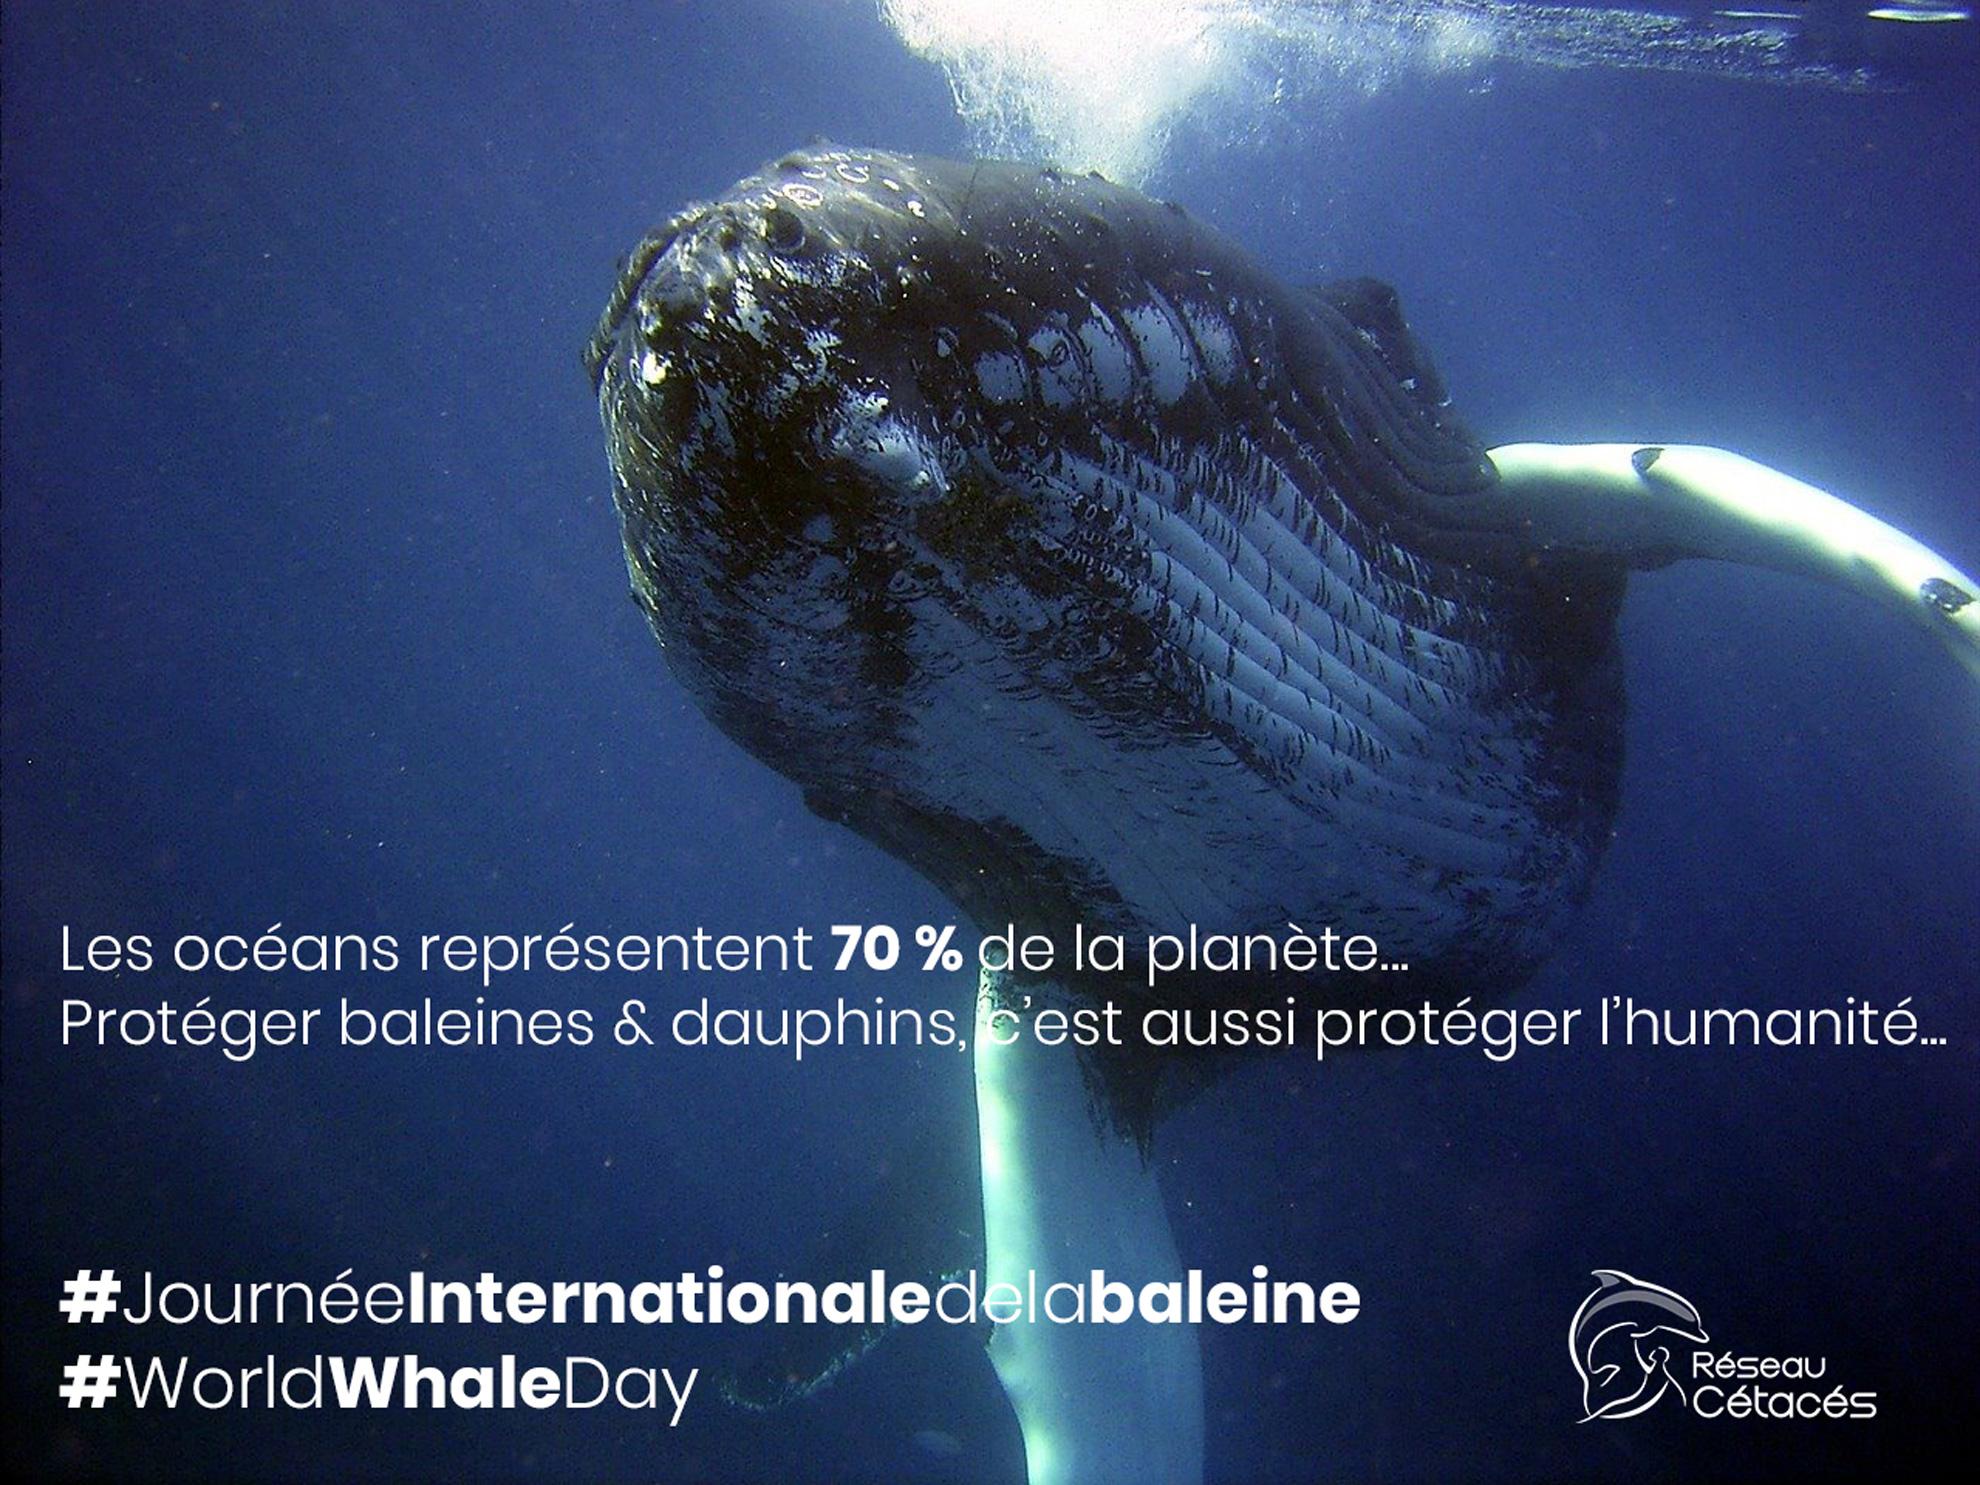 """Résultat de recherche d'images pour """"journée internationale de la baleine"""""""